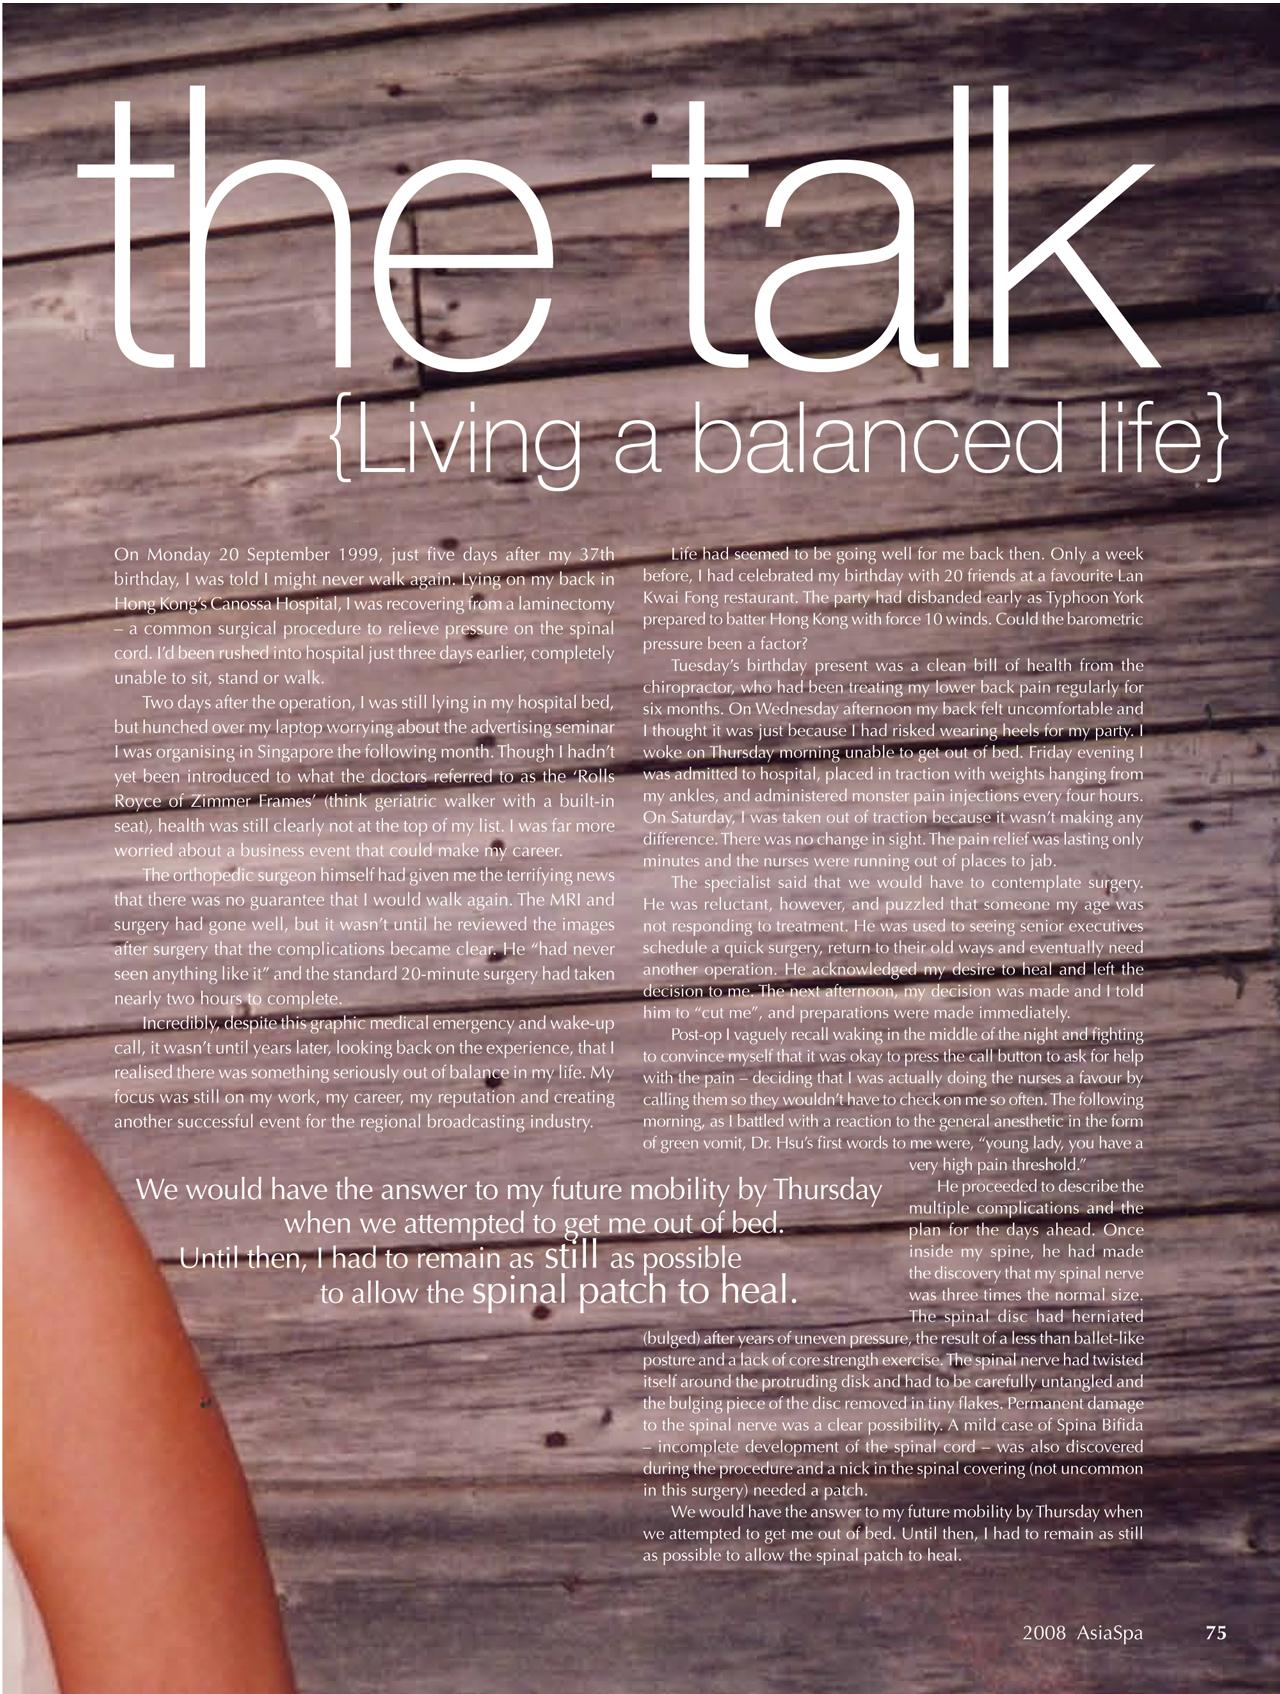 walking-the-talk-2